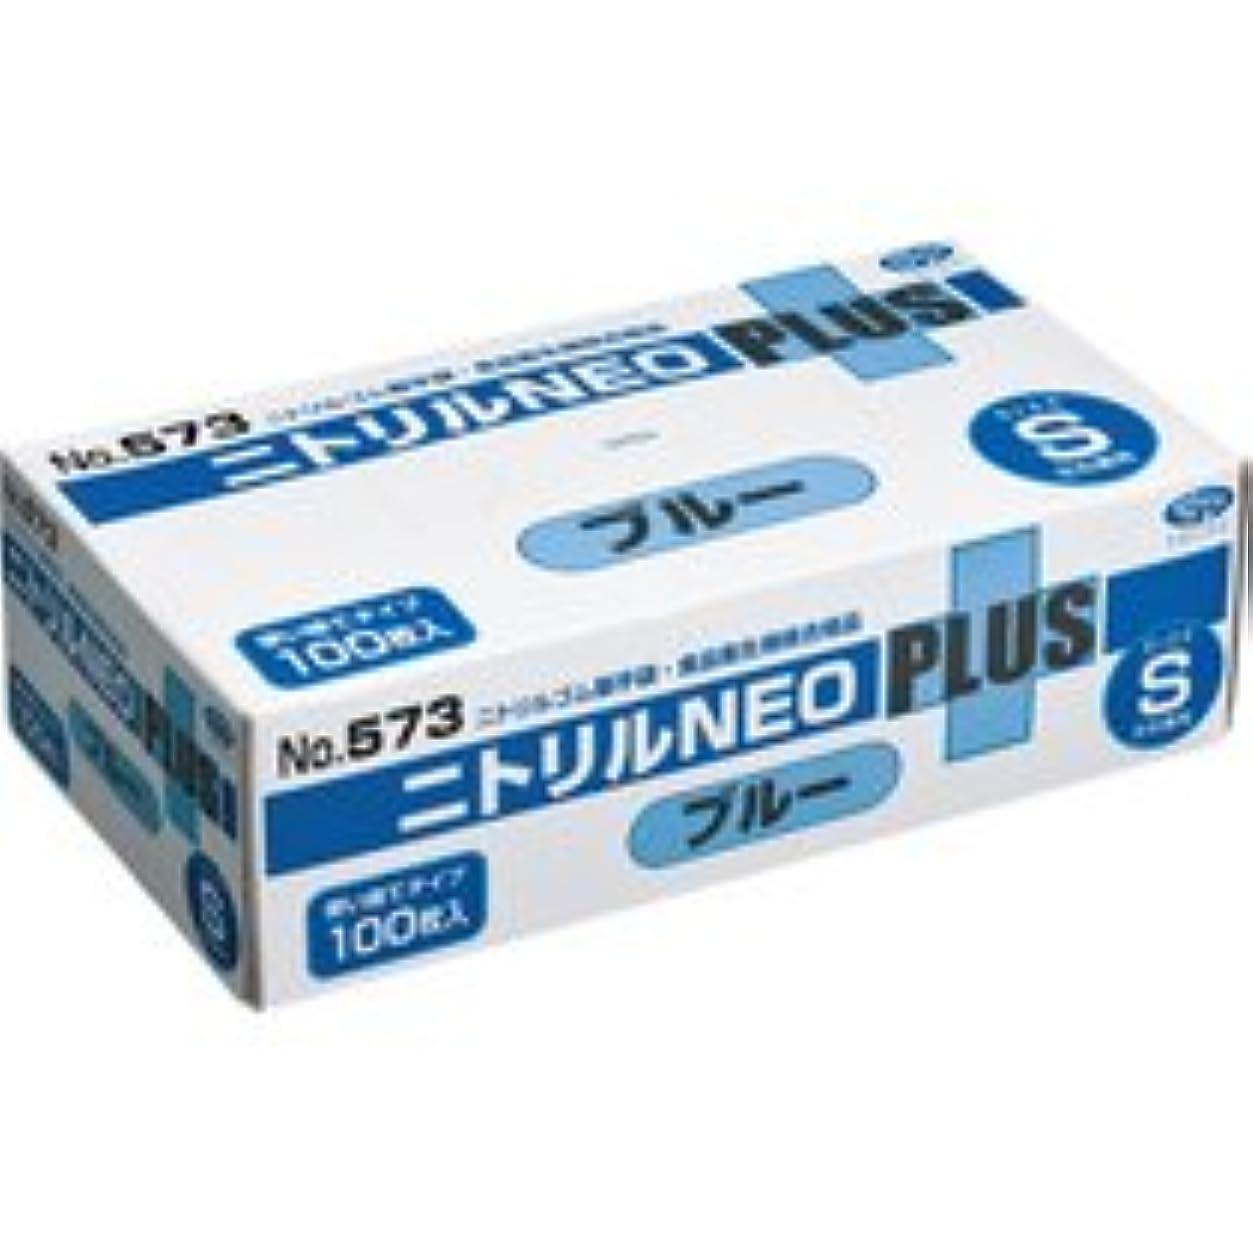 失礼限り鎮痛剤エブノ ニトリルNEOプラス パウダーイン ブルー S NO-573 1箱(100枚)